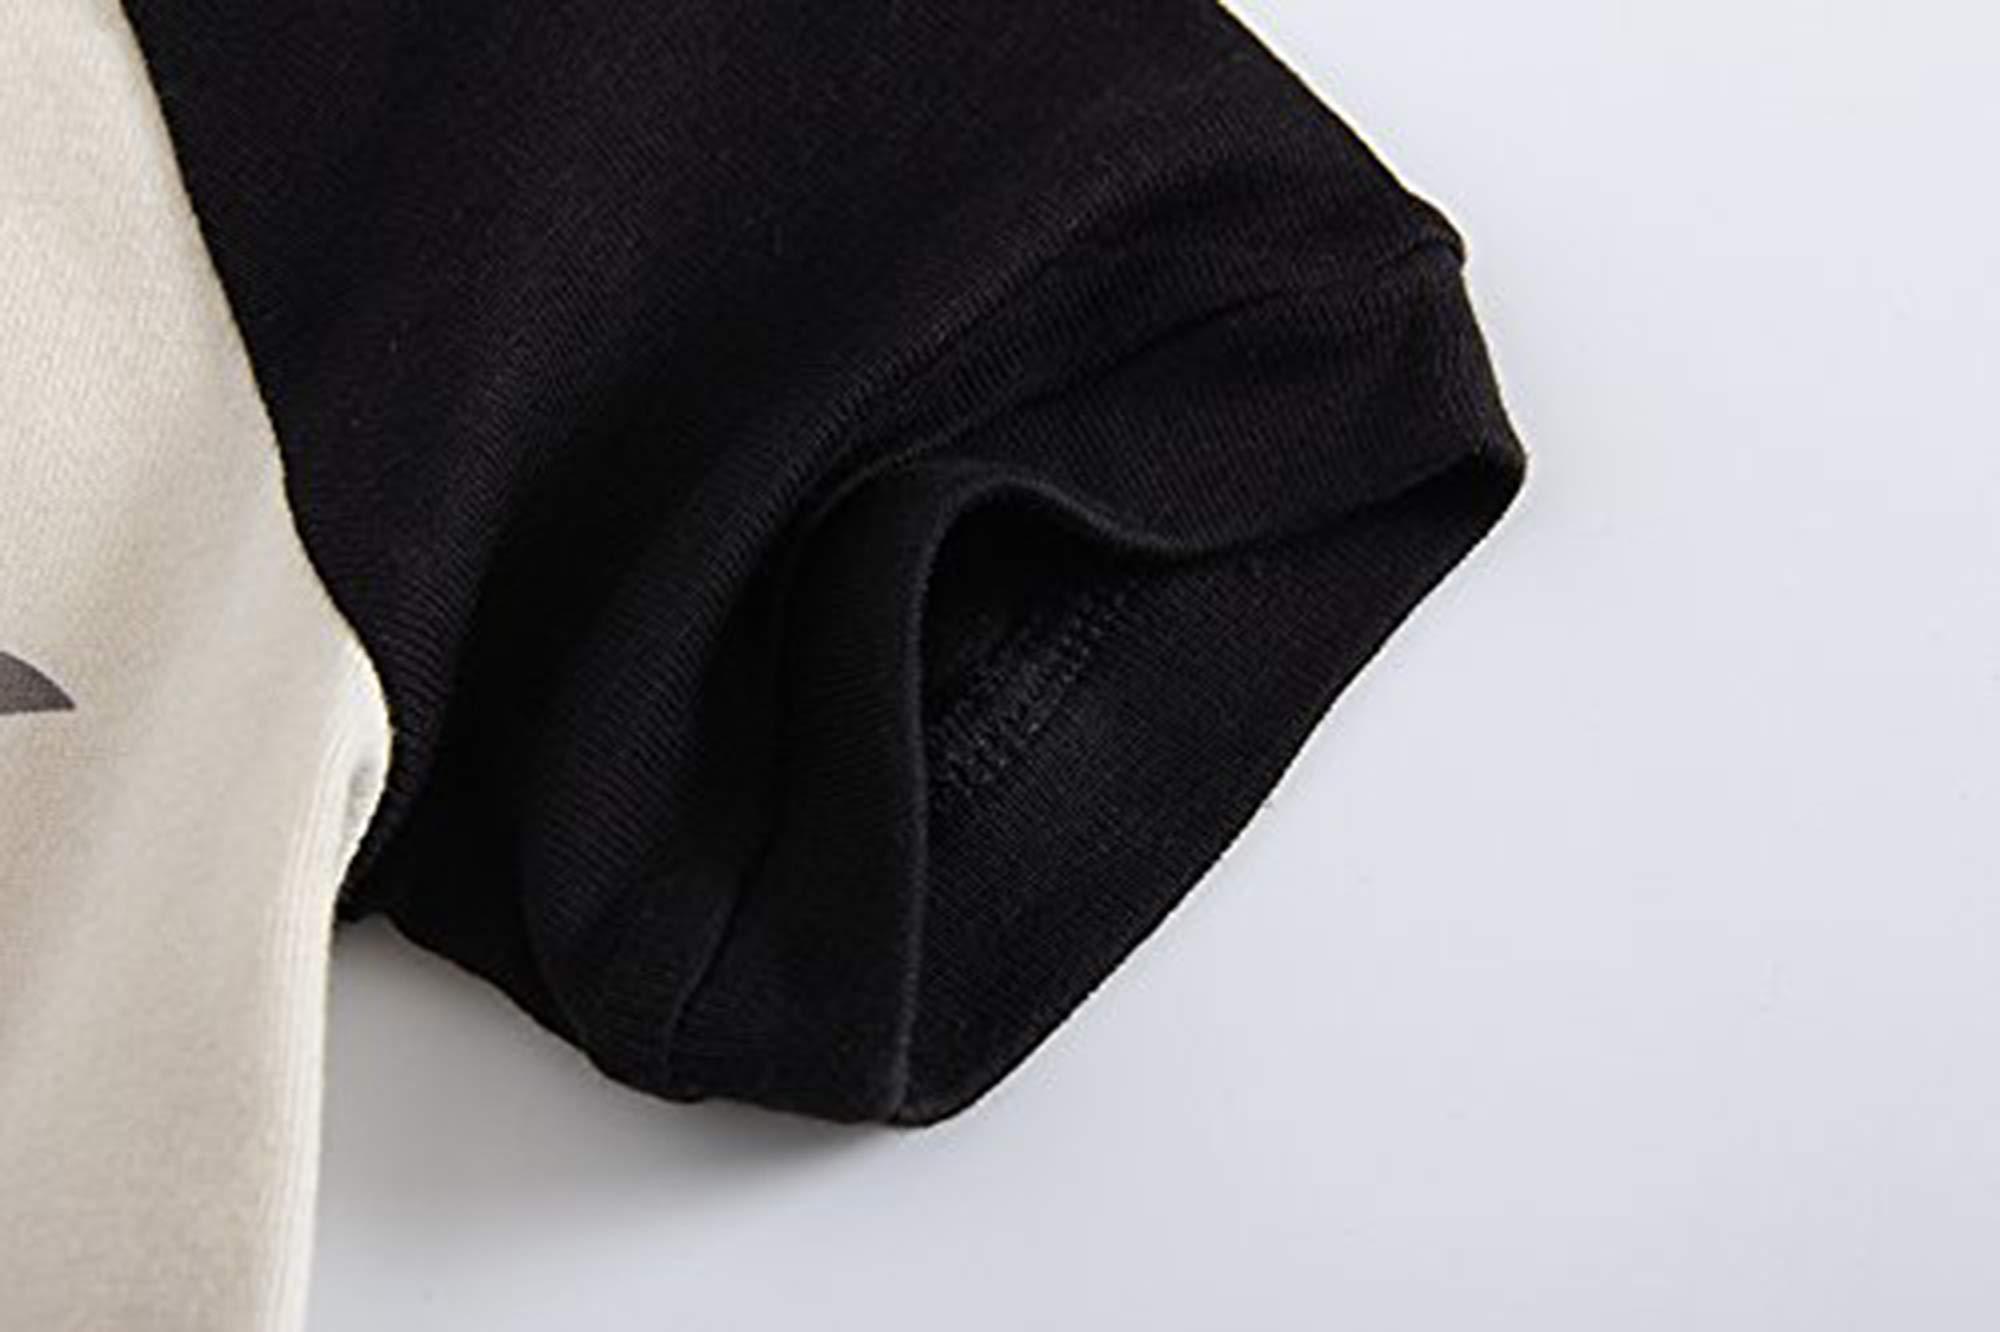 Family Feeling Shark Big Boys Shorts Set Pajamas 100% Cotton Sleepwear Kids Size 16 Black/White by Family Feeling (Image #4)